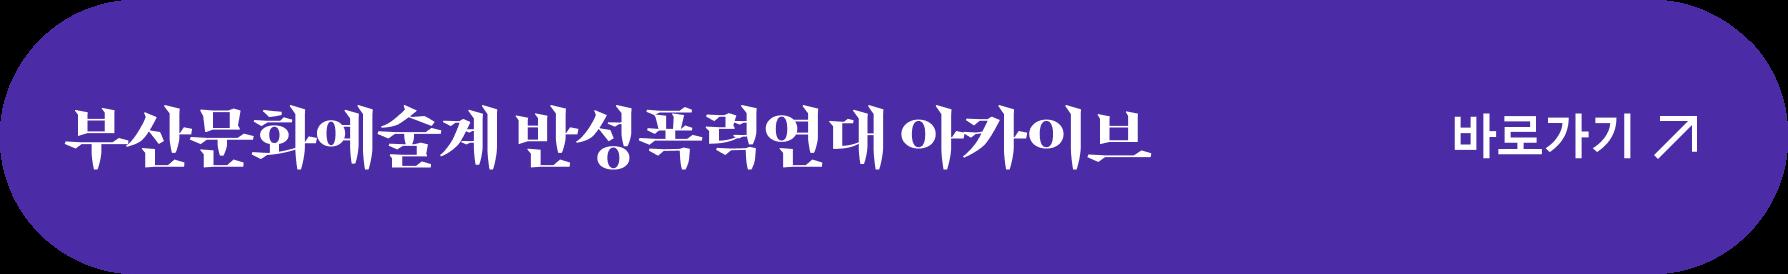 부산문화예술계 반성폭력연대 아카이브 바로가기